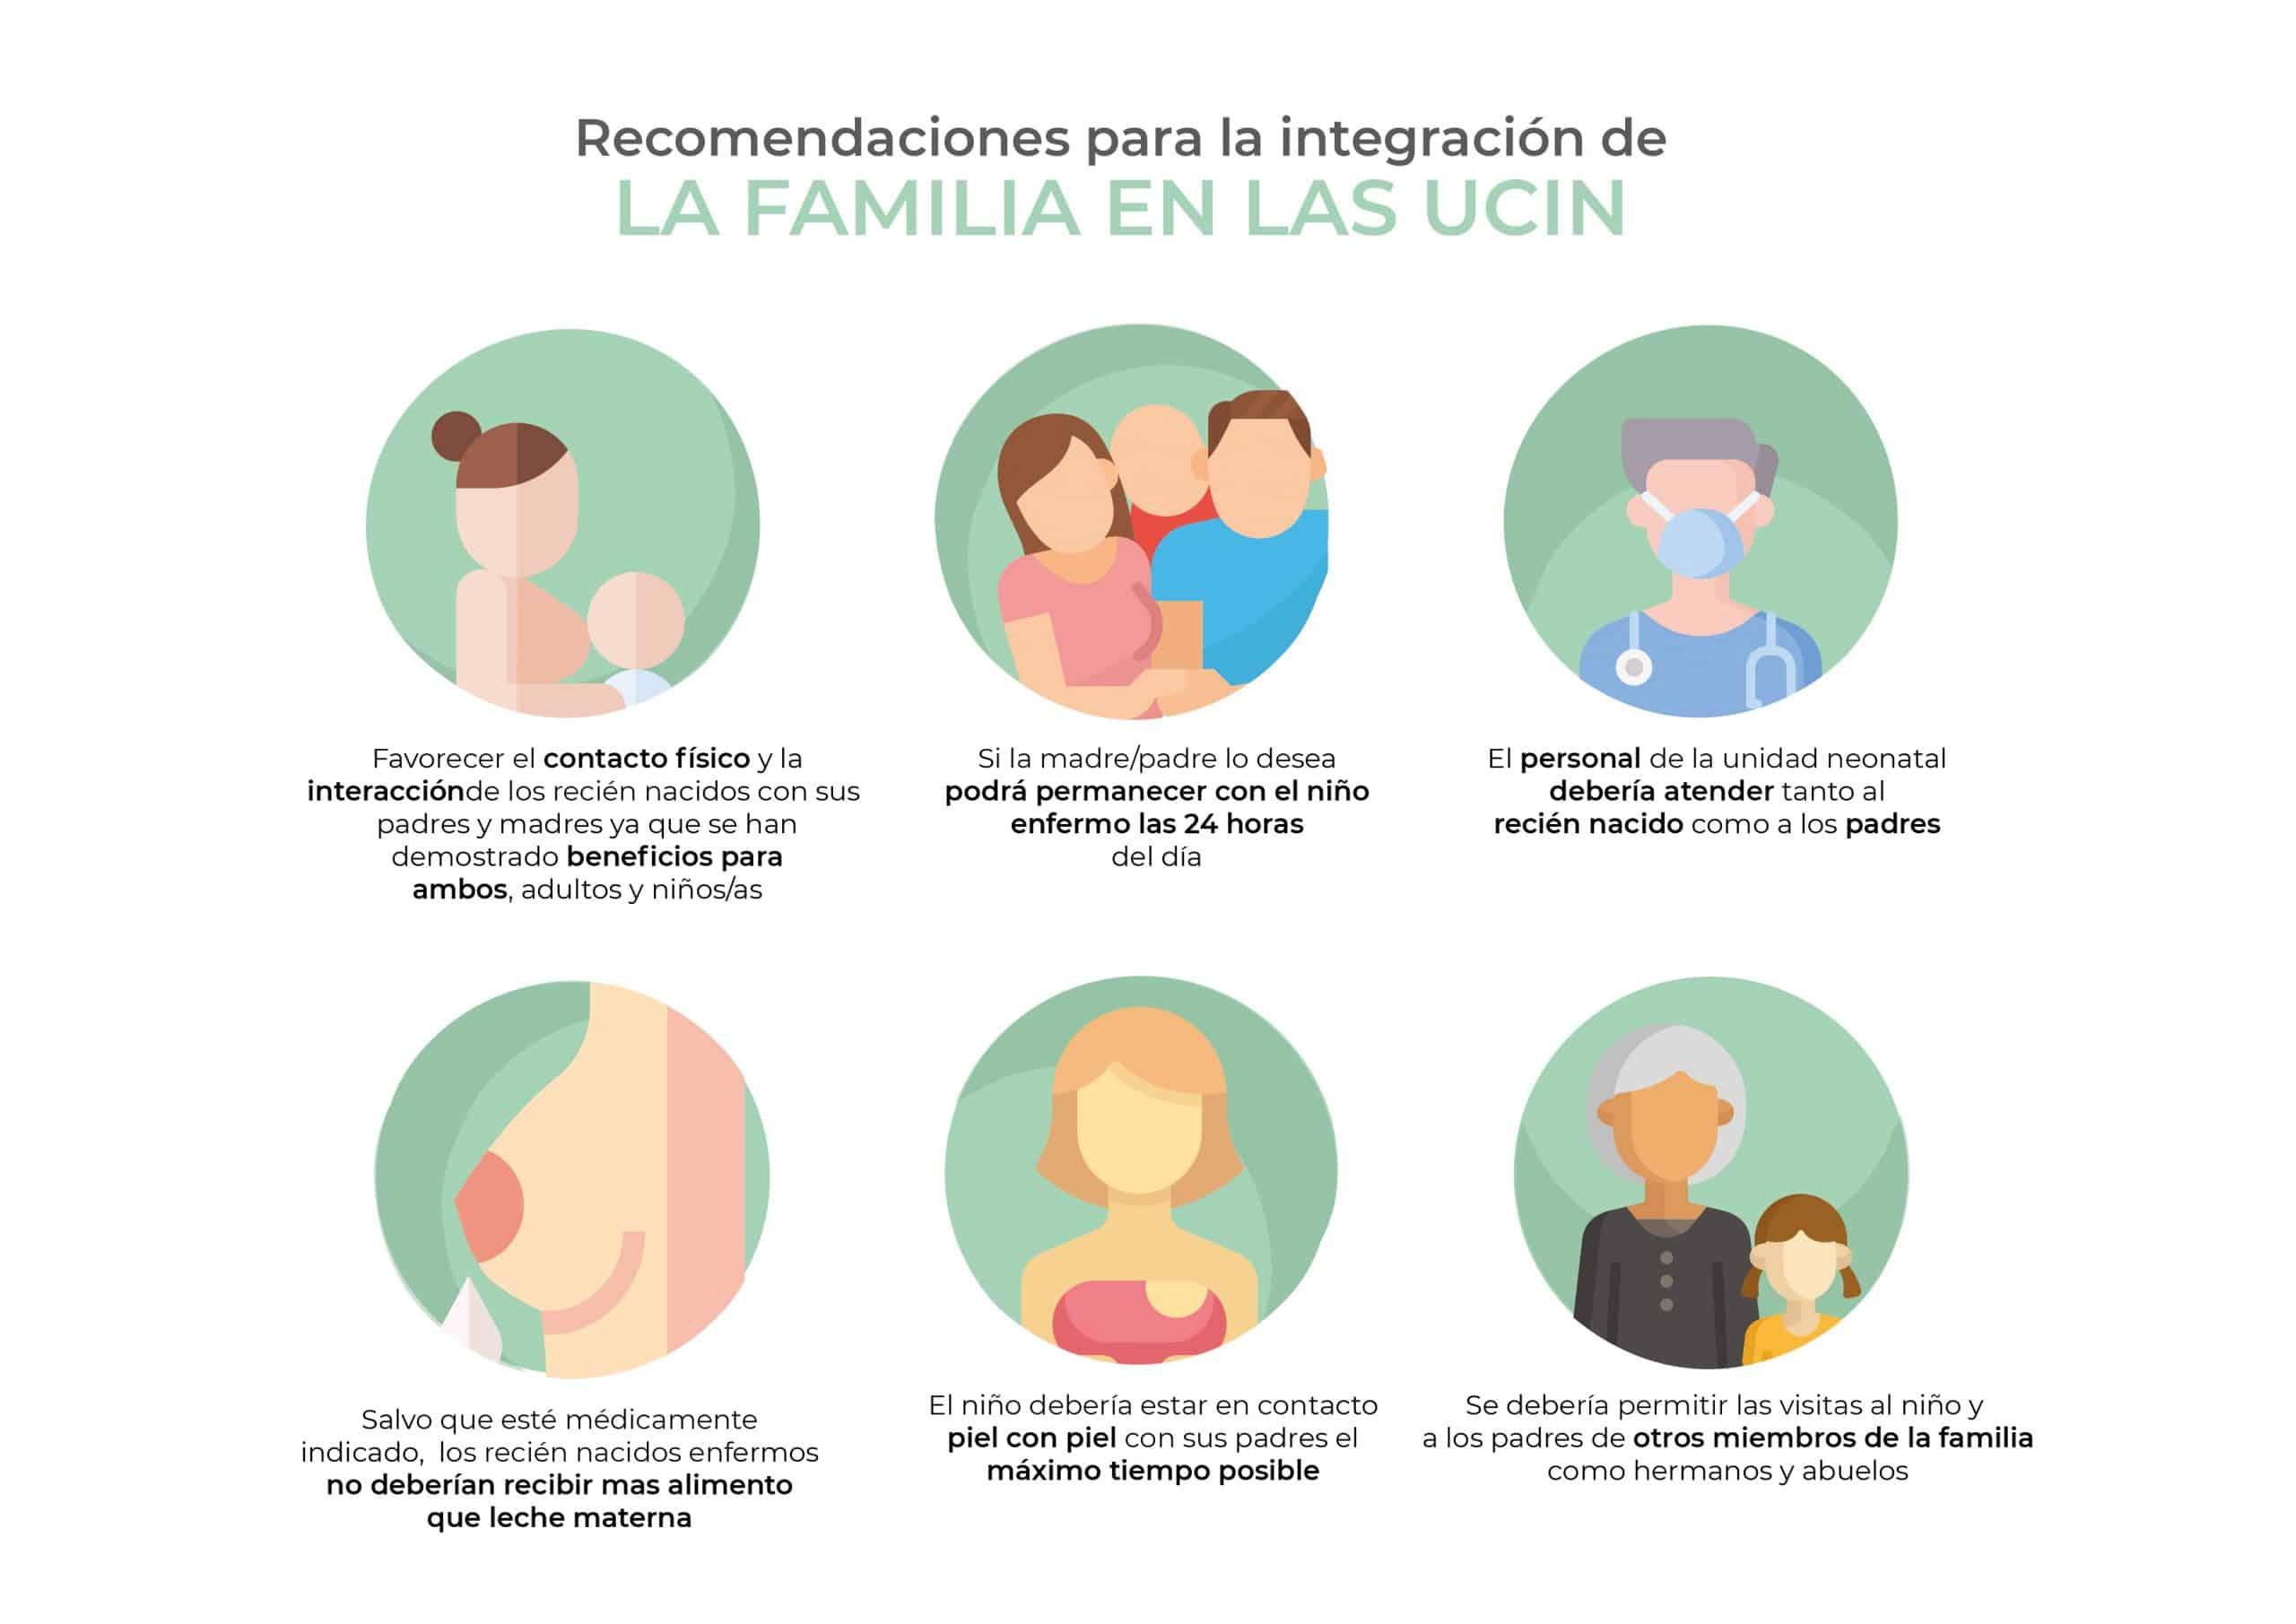 Recomendaciones integración de los padres